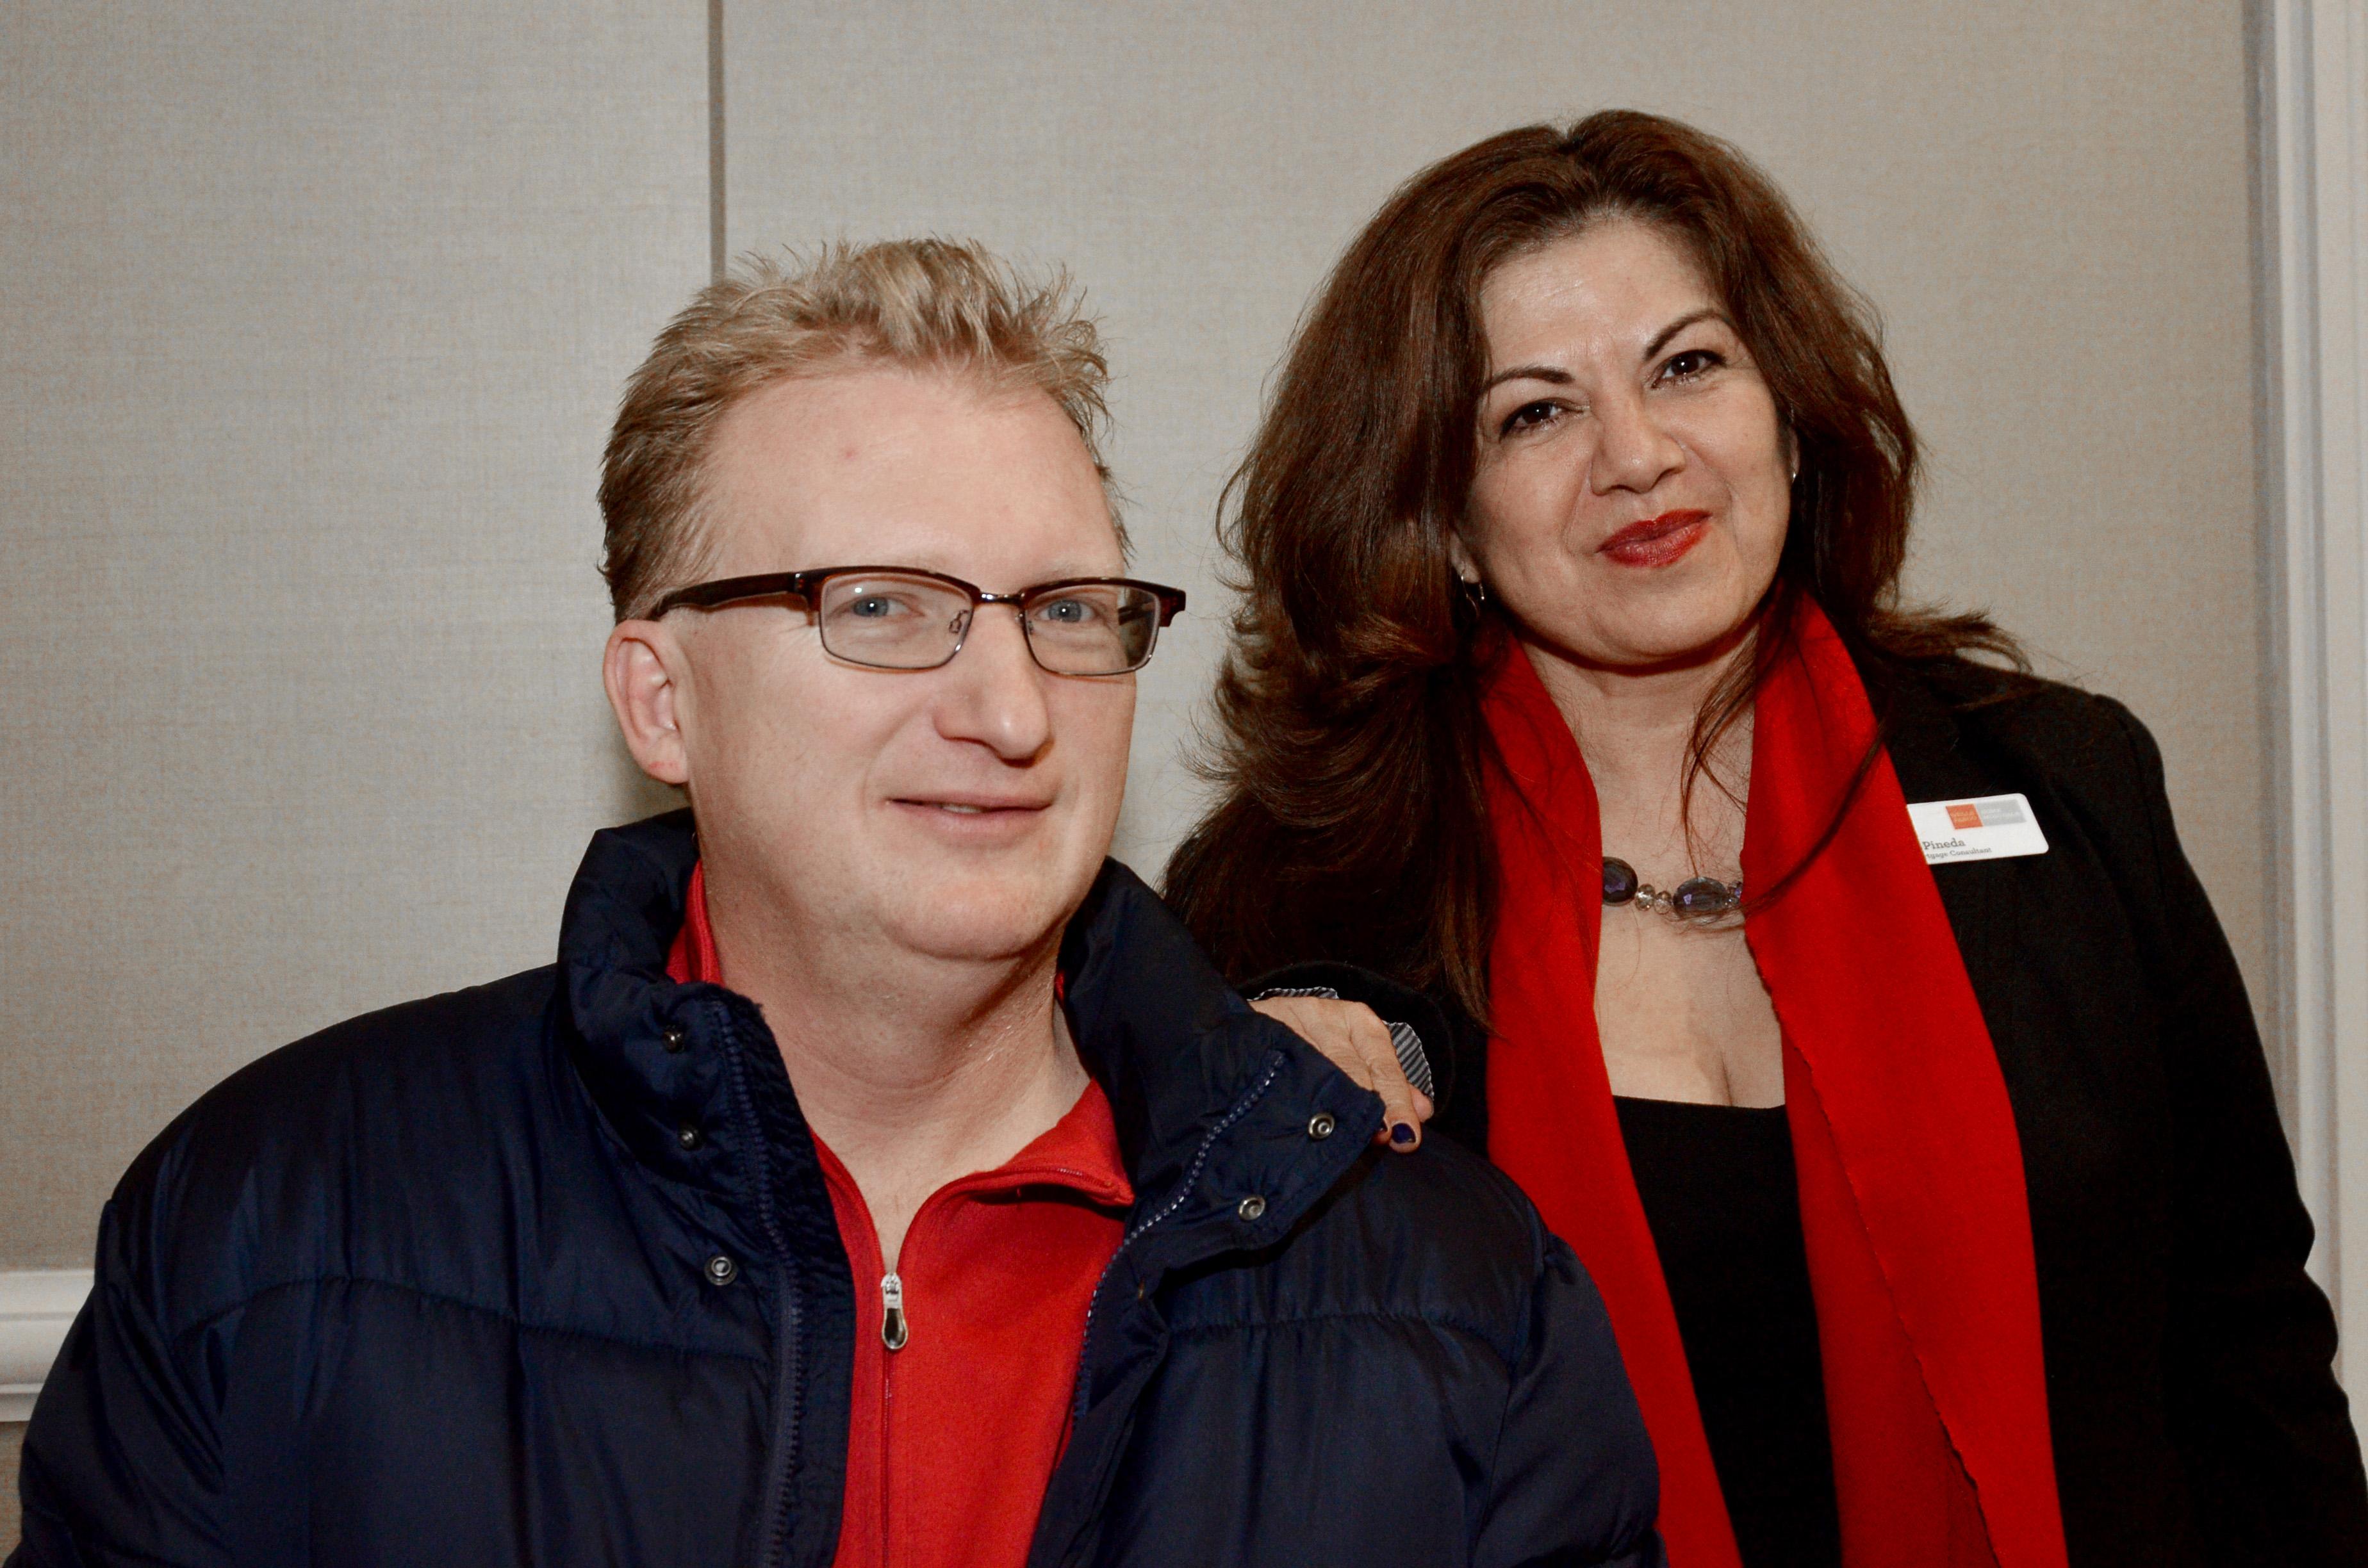 141-Dean-Chowaniec-Susan-Pineda-JPG.jpg